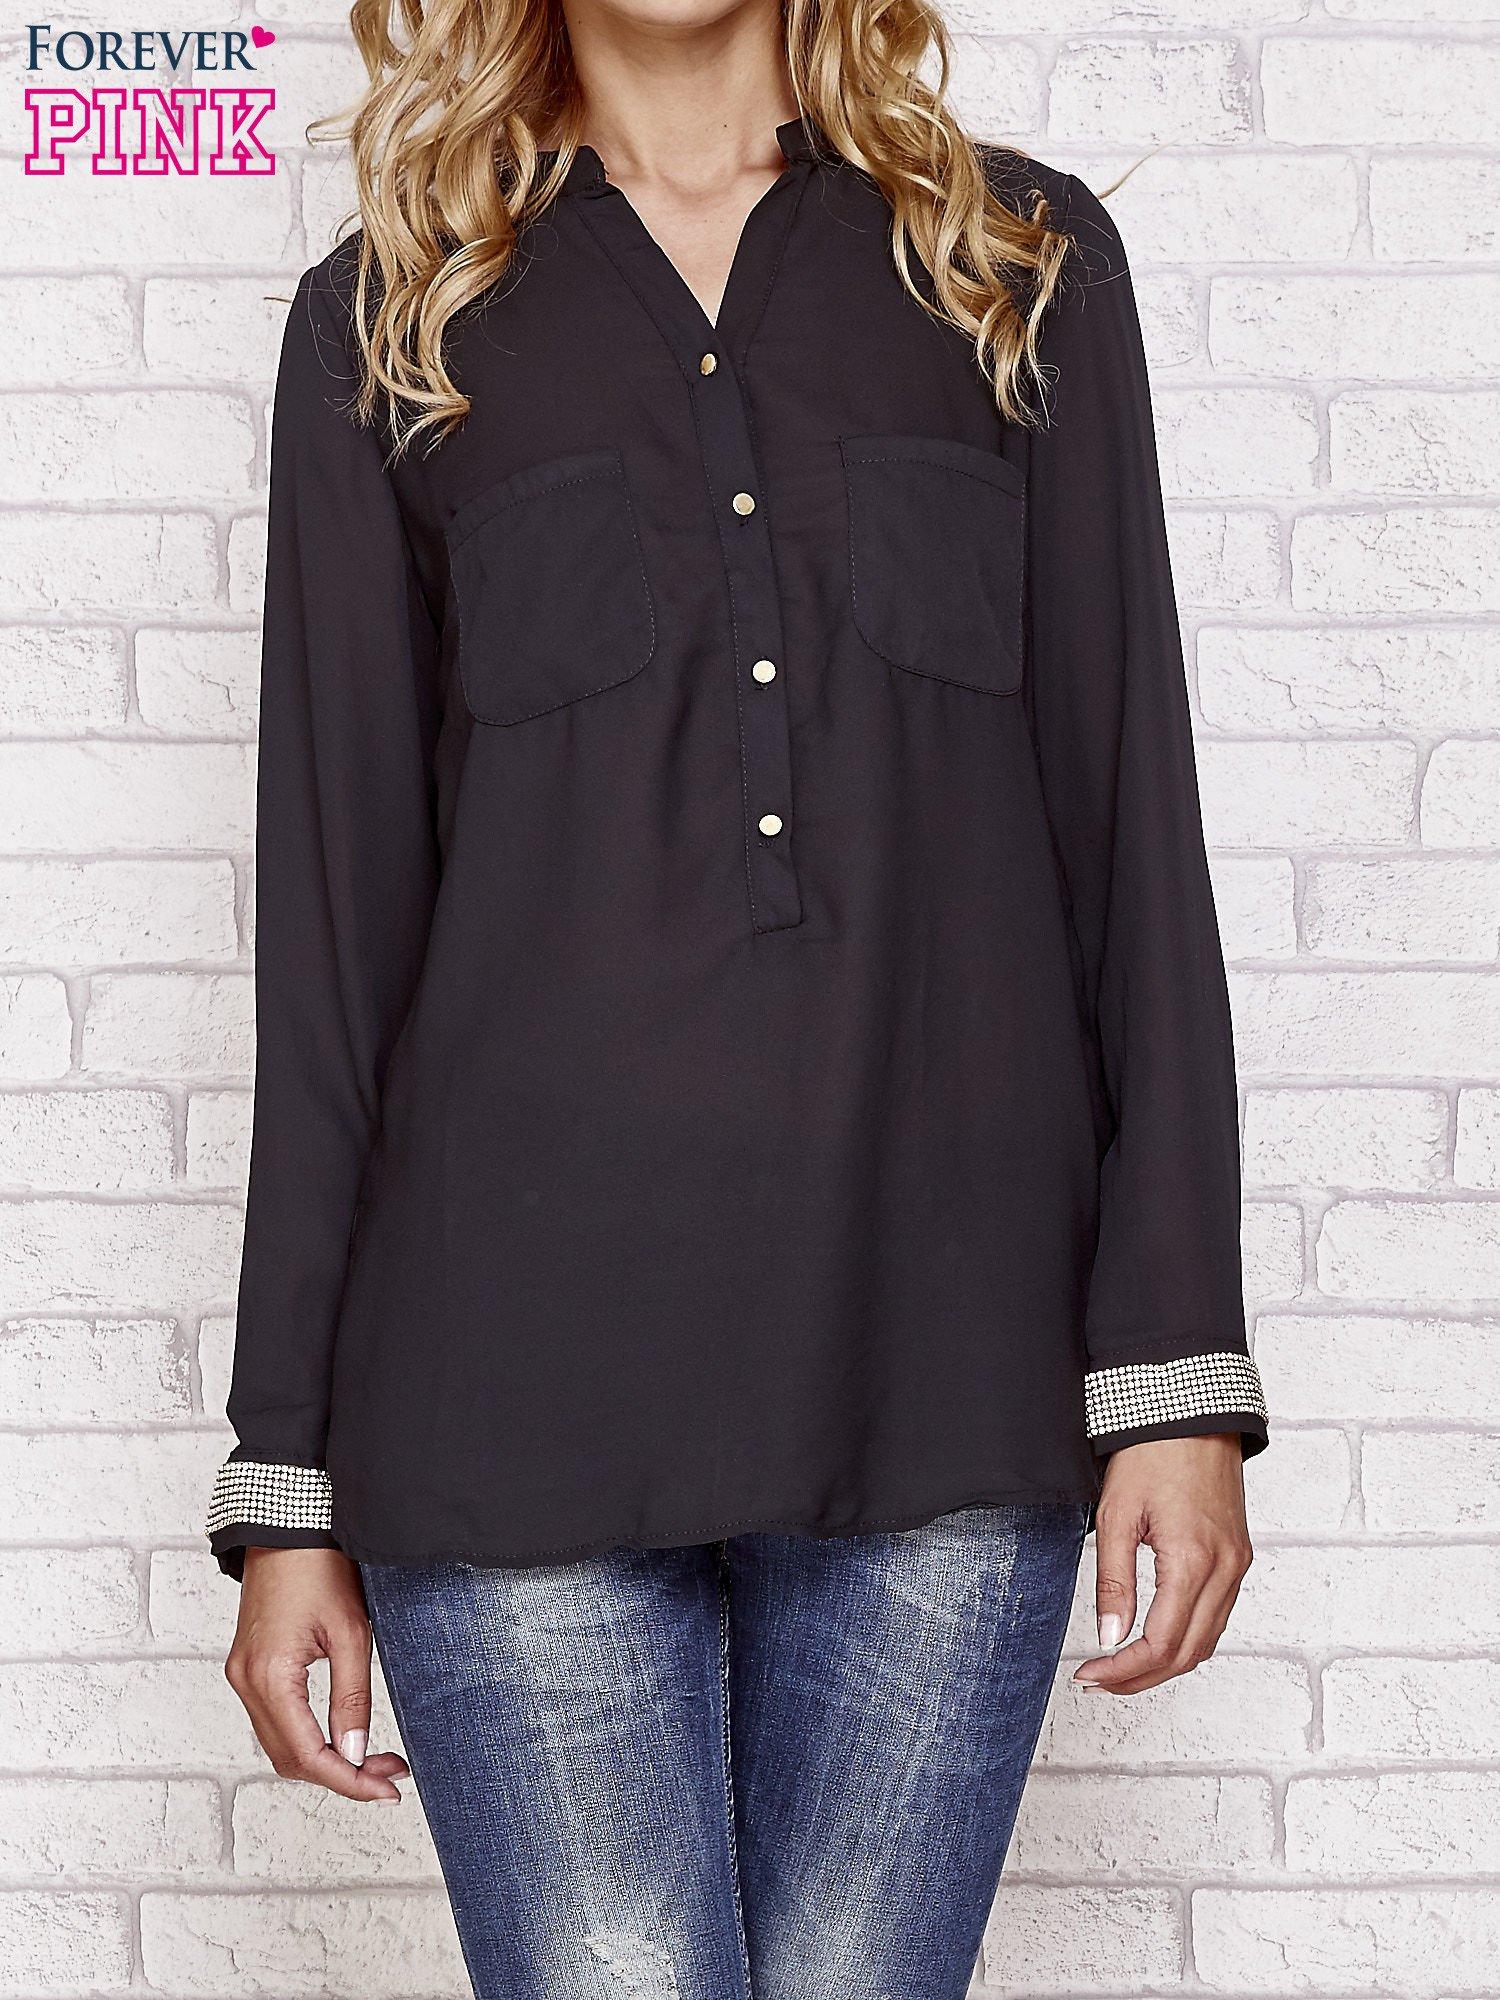 Czarna koszula z mankietem z cyrkonii                                  zdj.                                  1